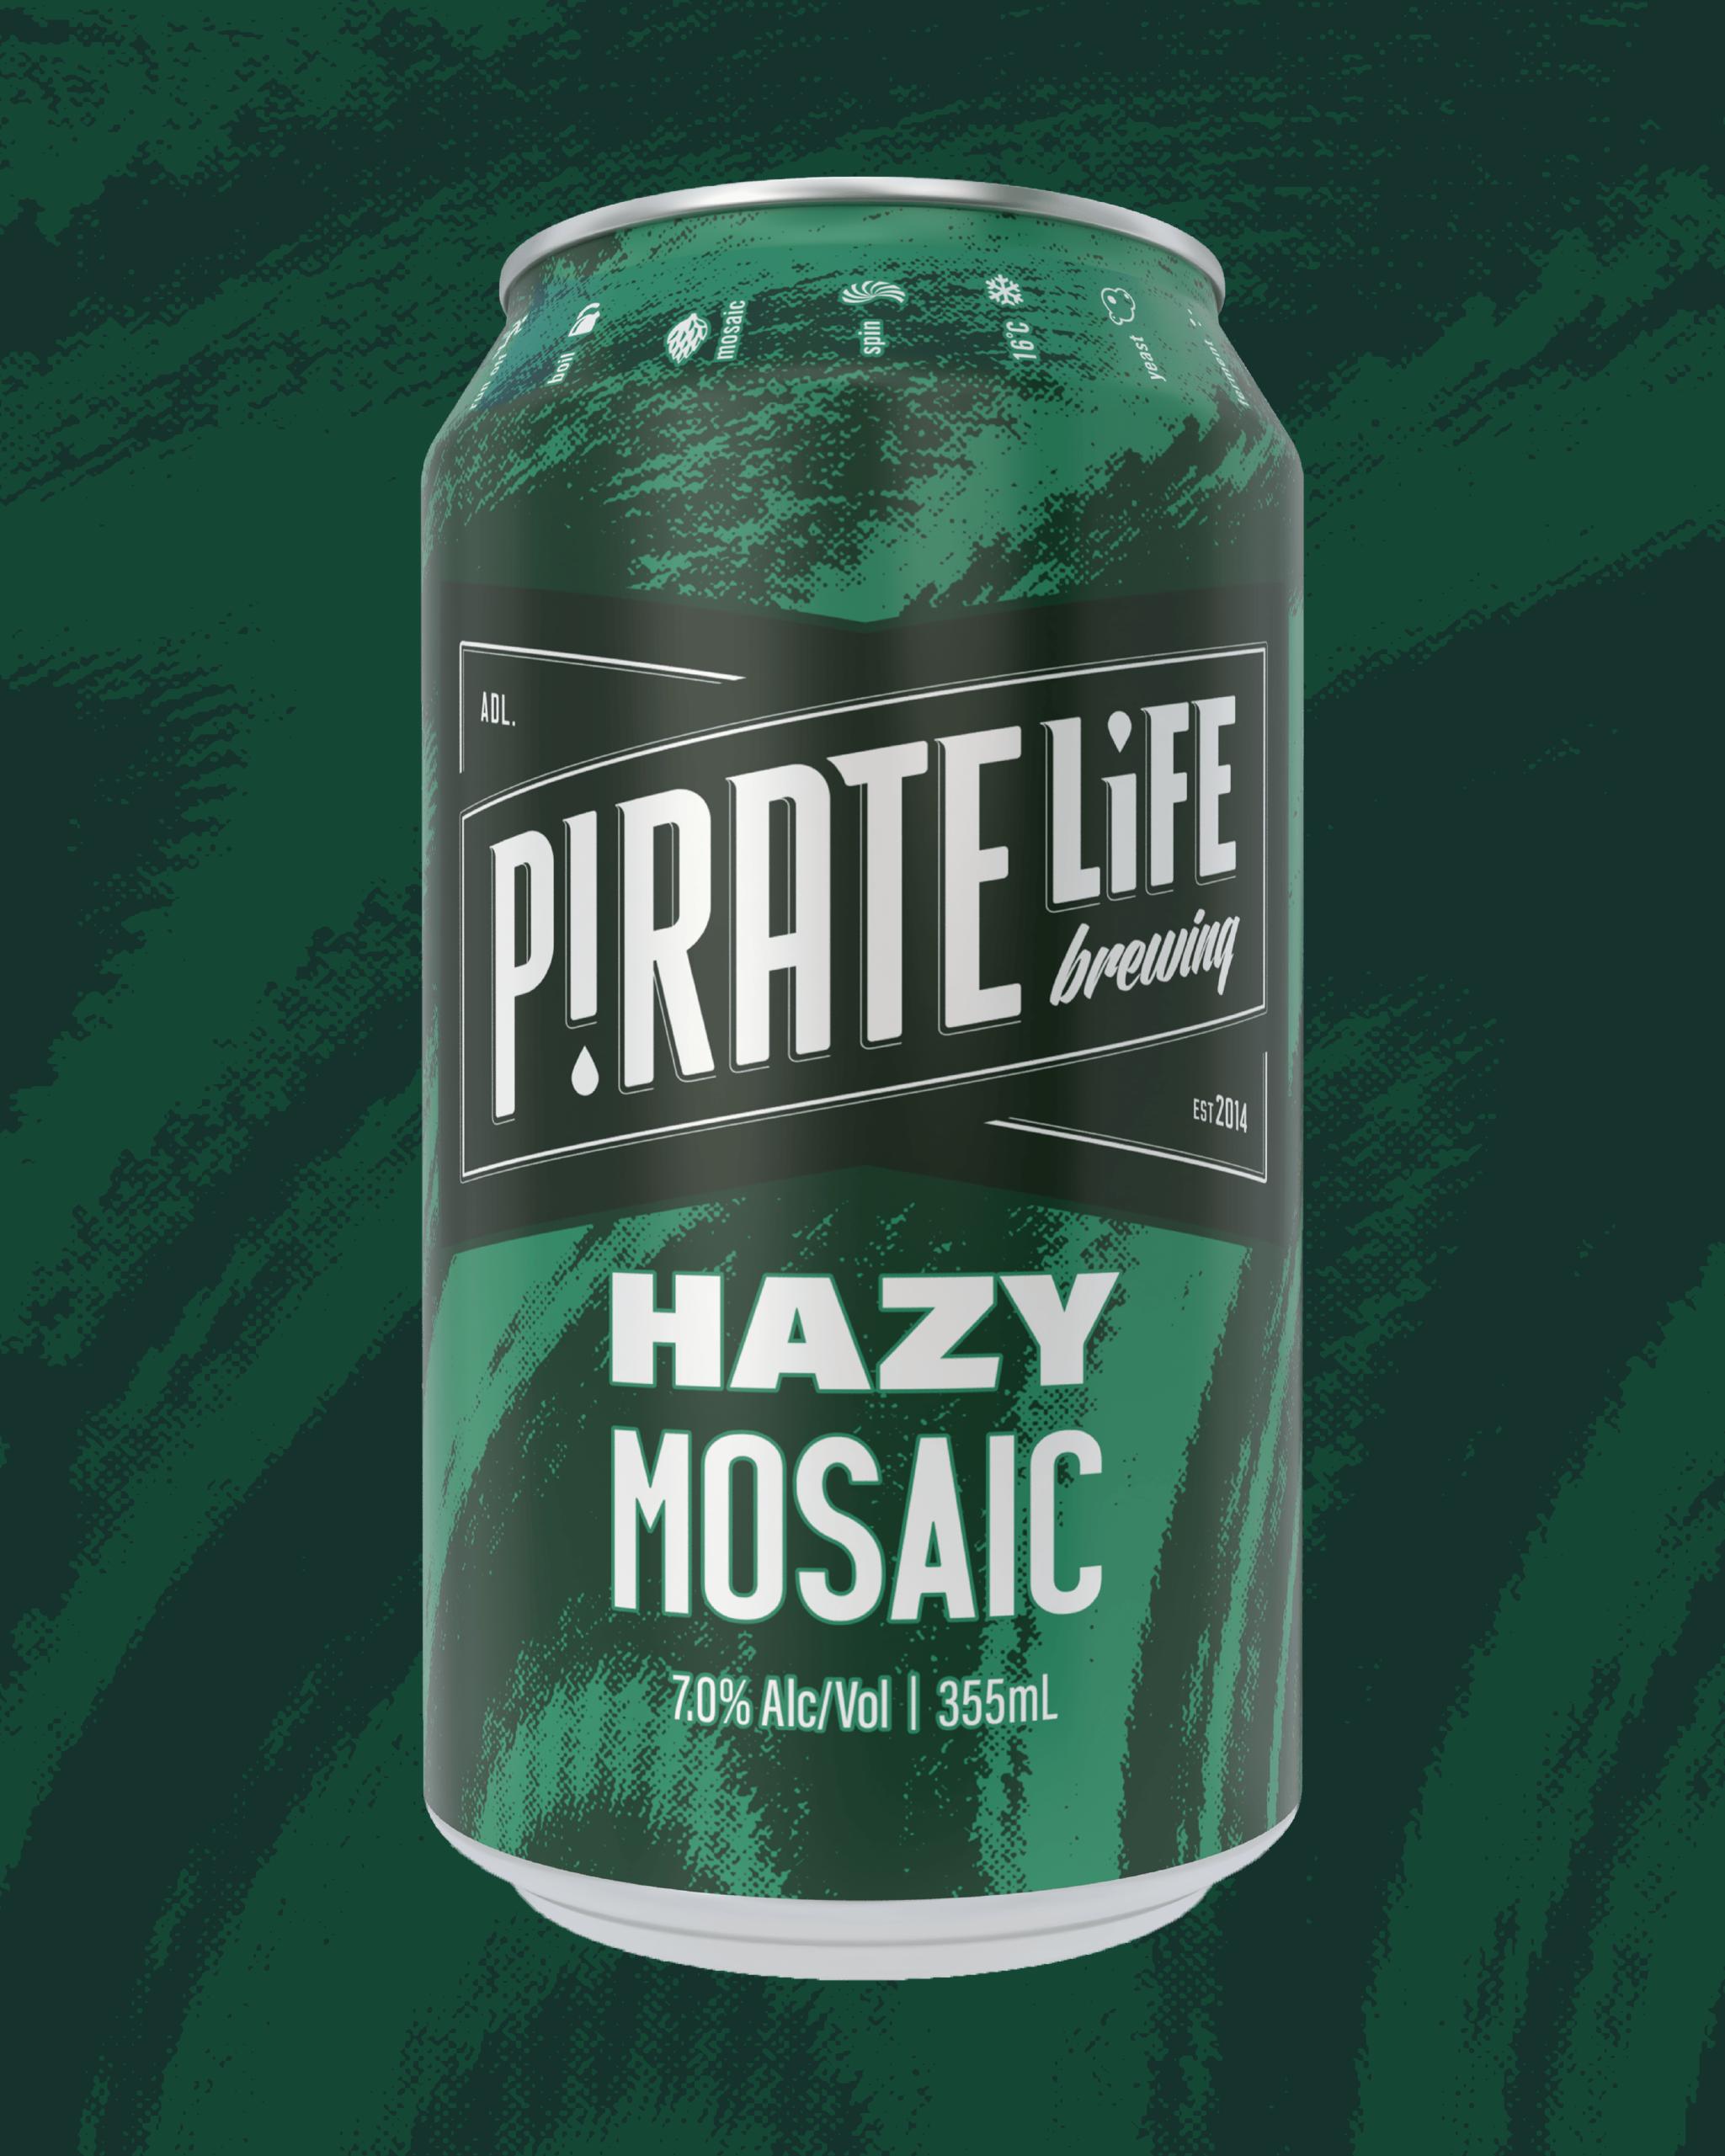 Hazy Mosaic